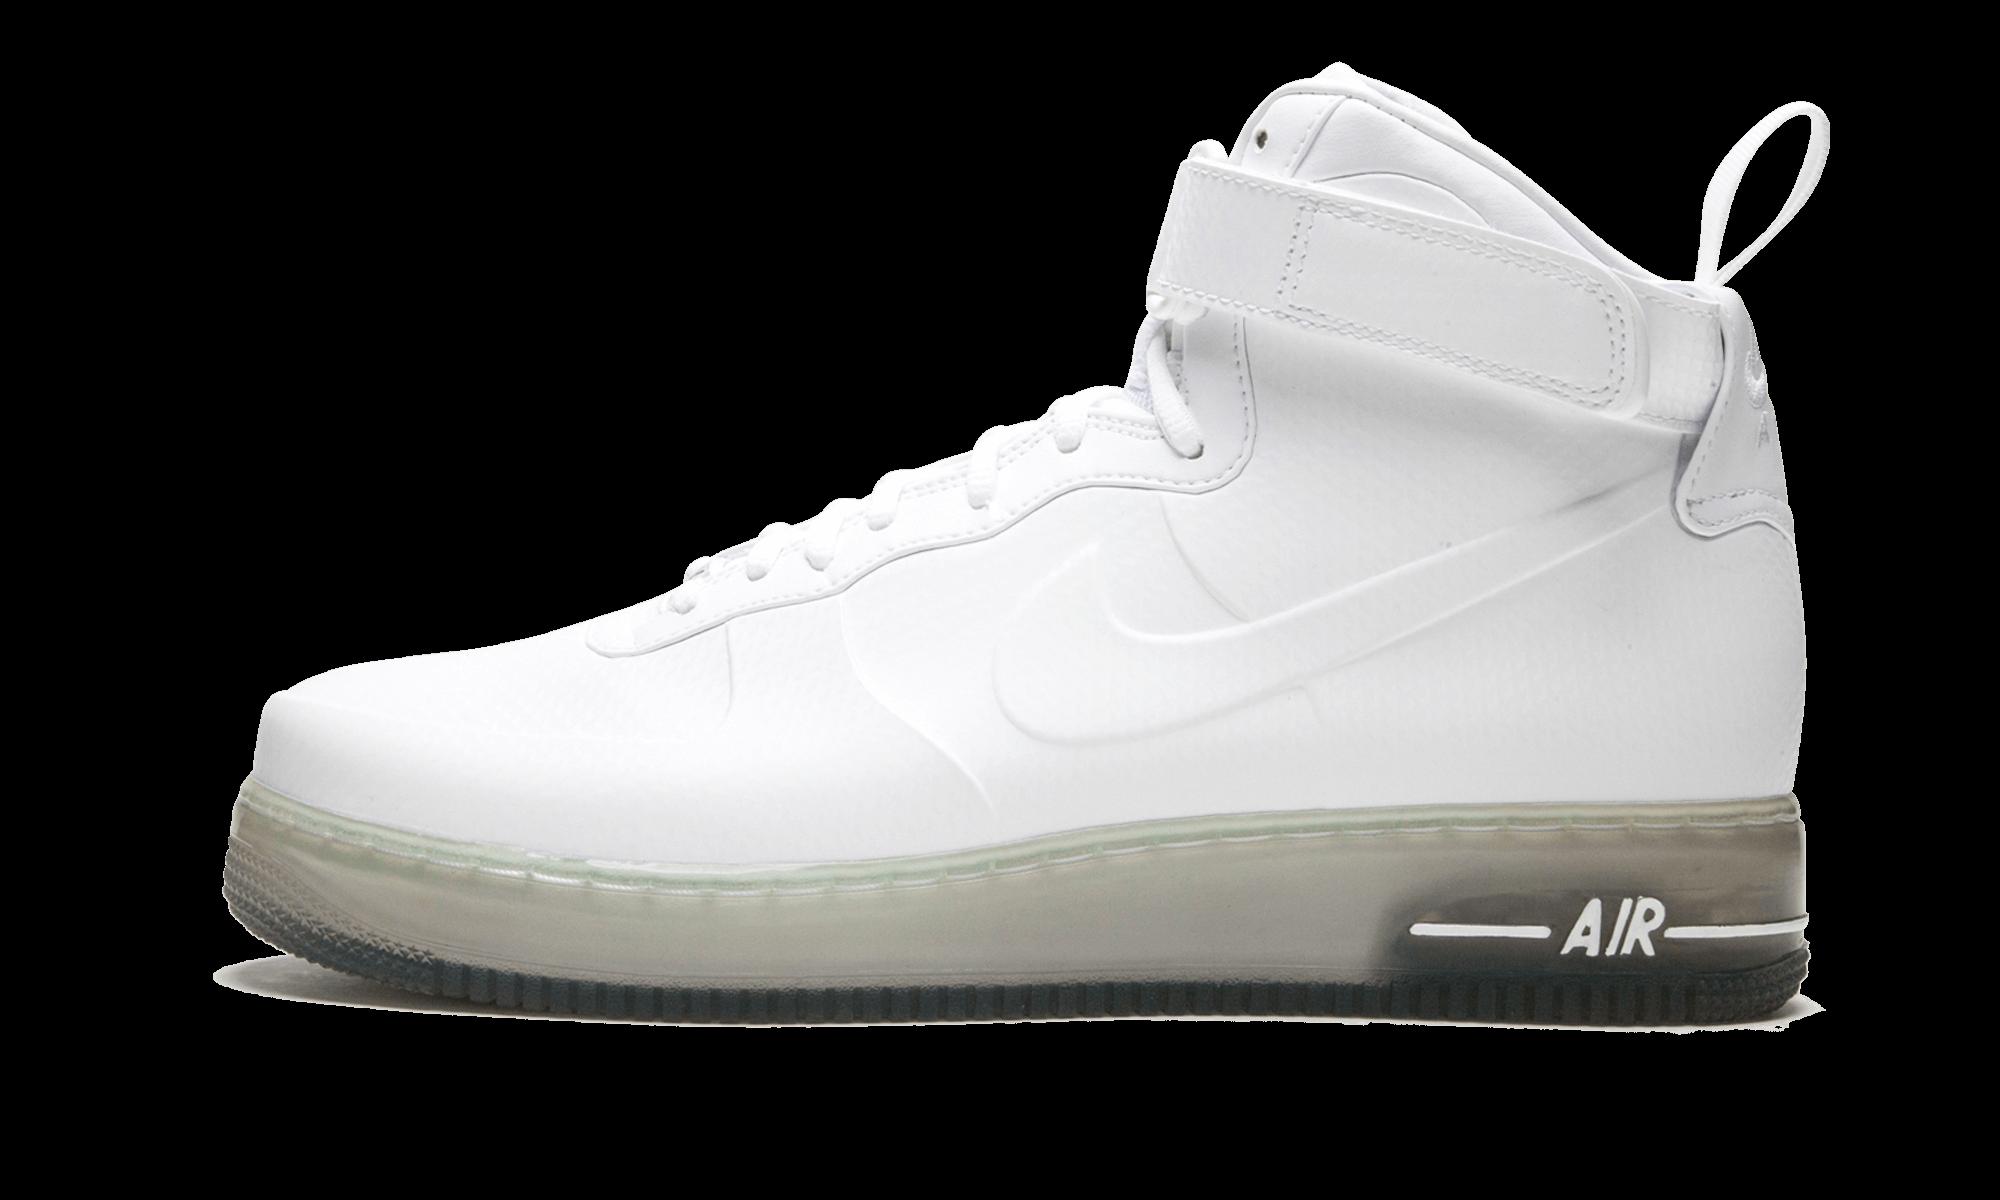 Nike Air Force 1 Foamposite QS - 573975